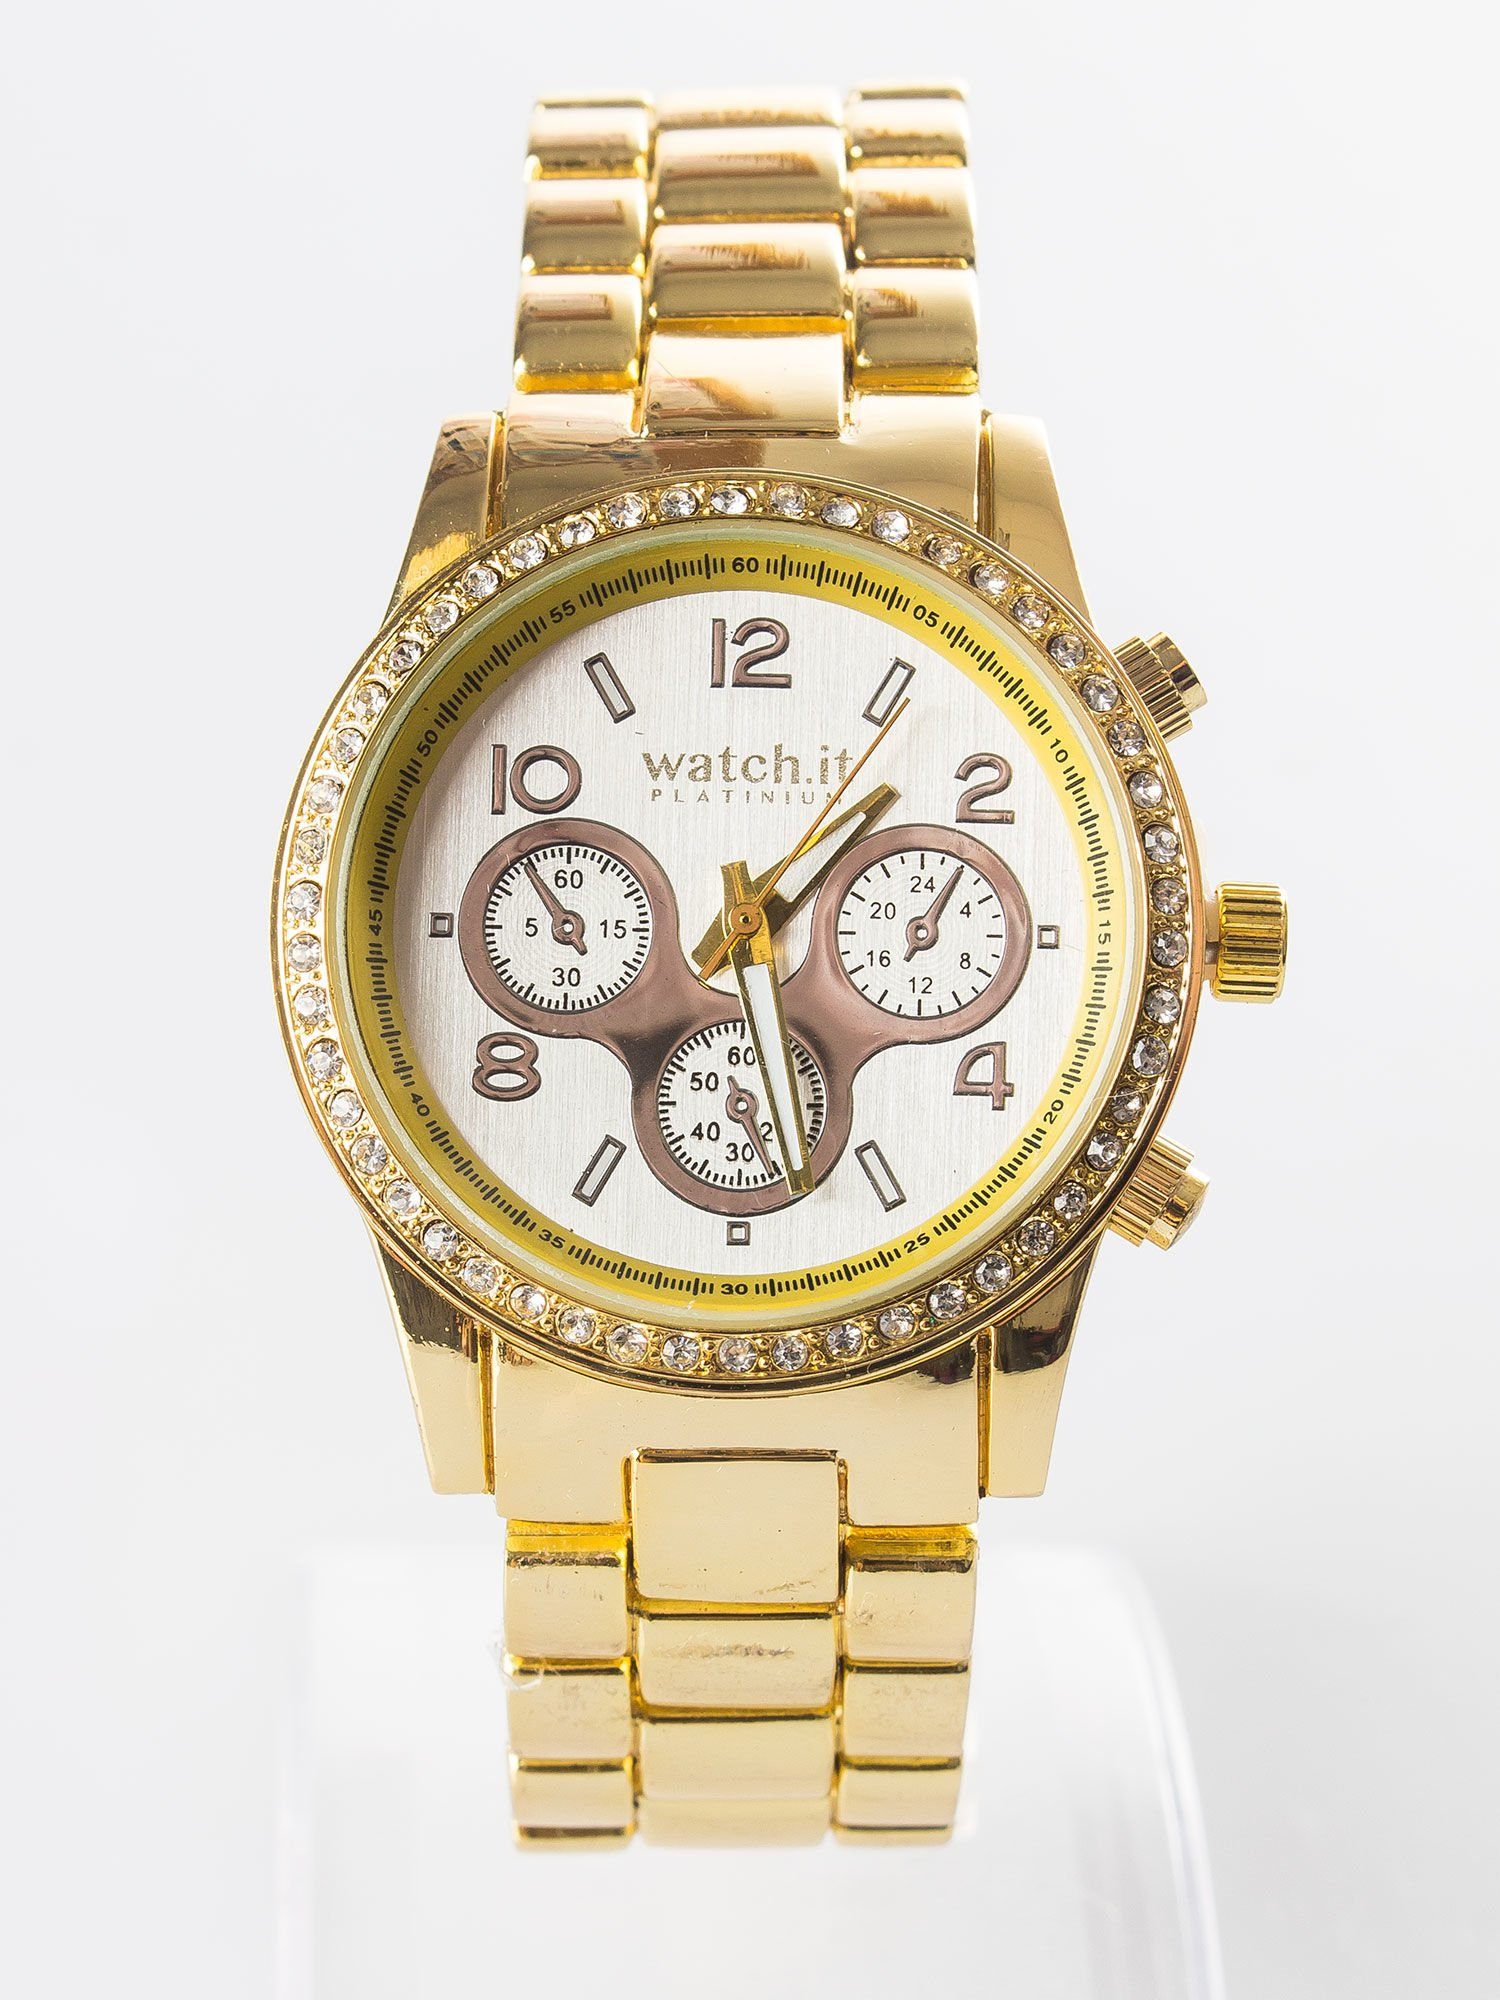 złoty zegarek z branzoletą